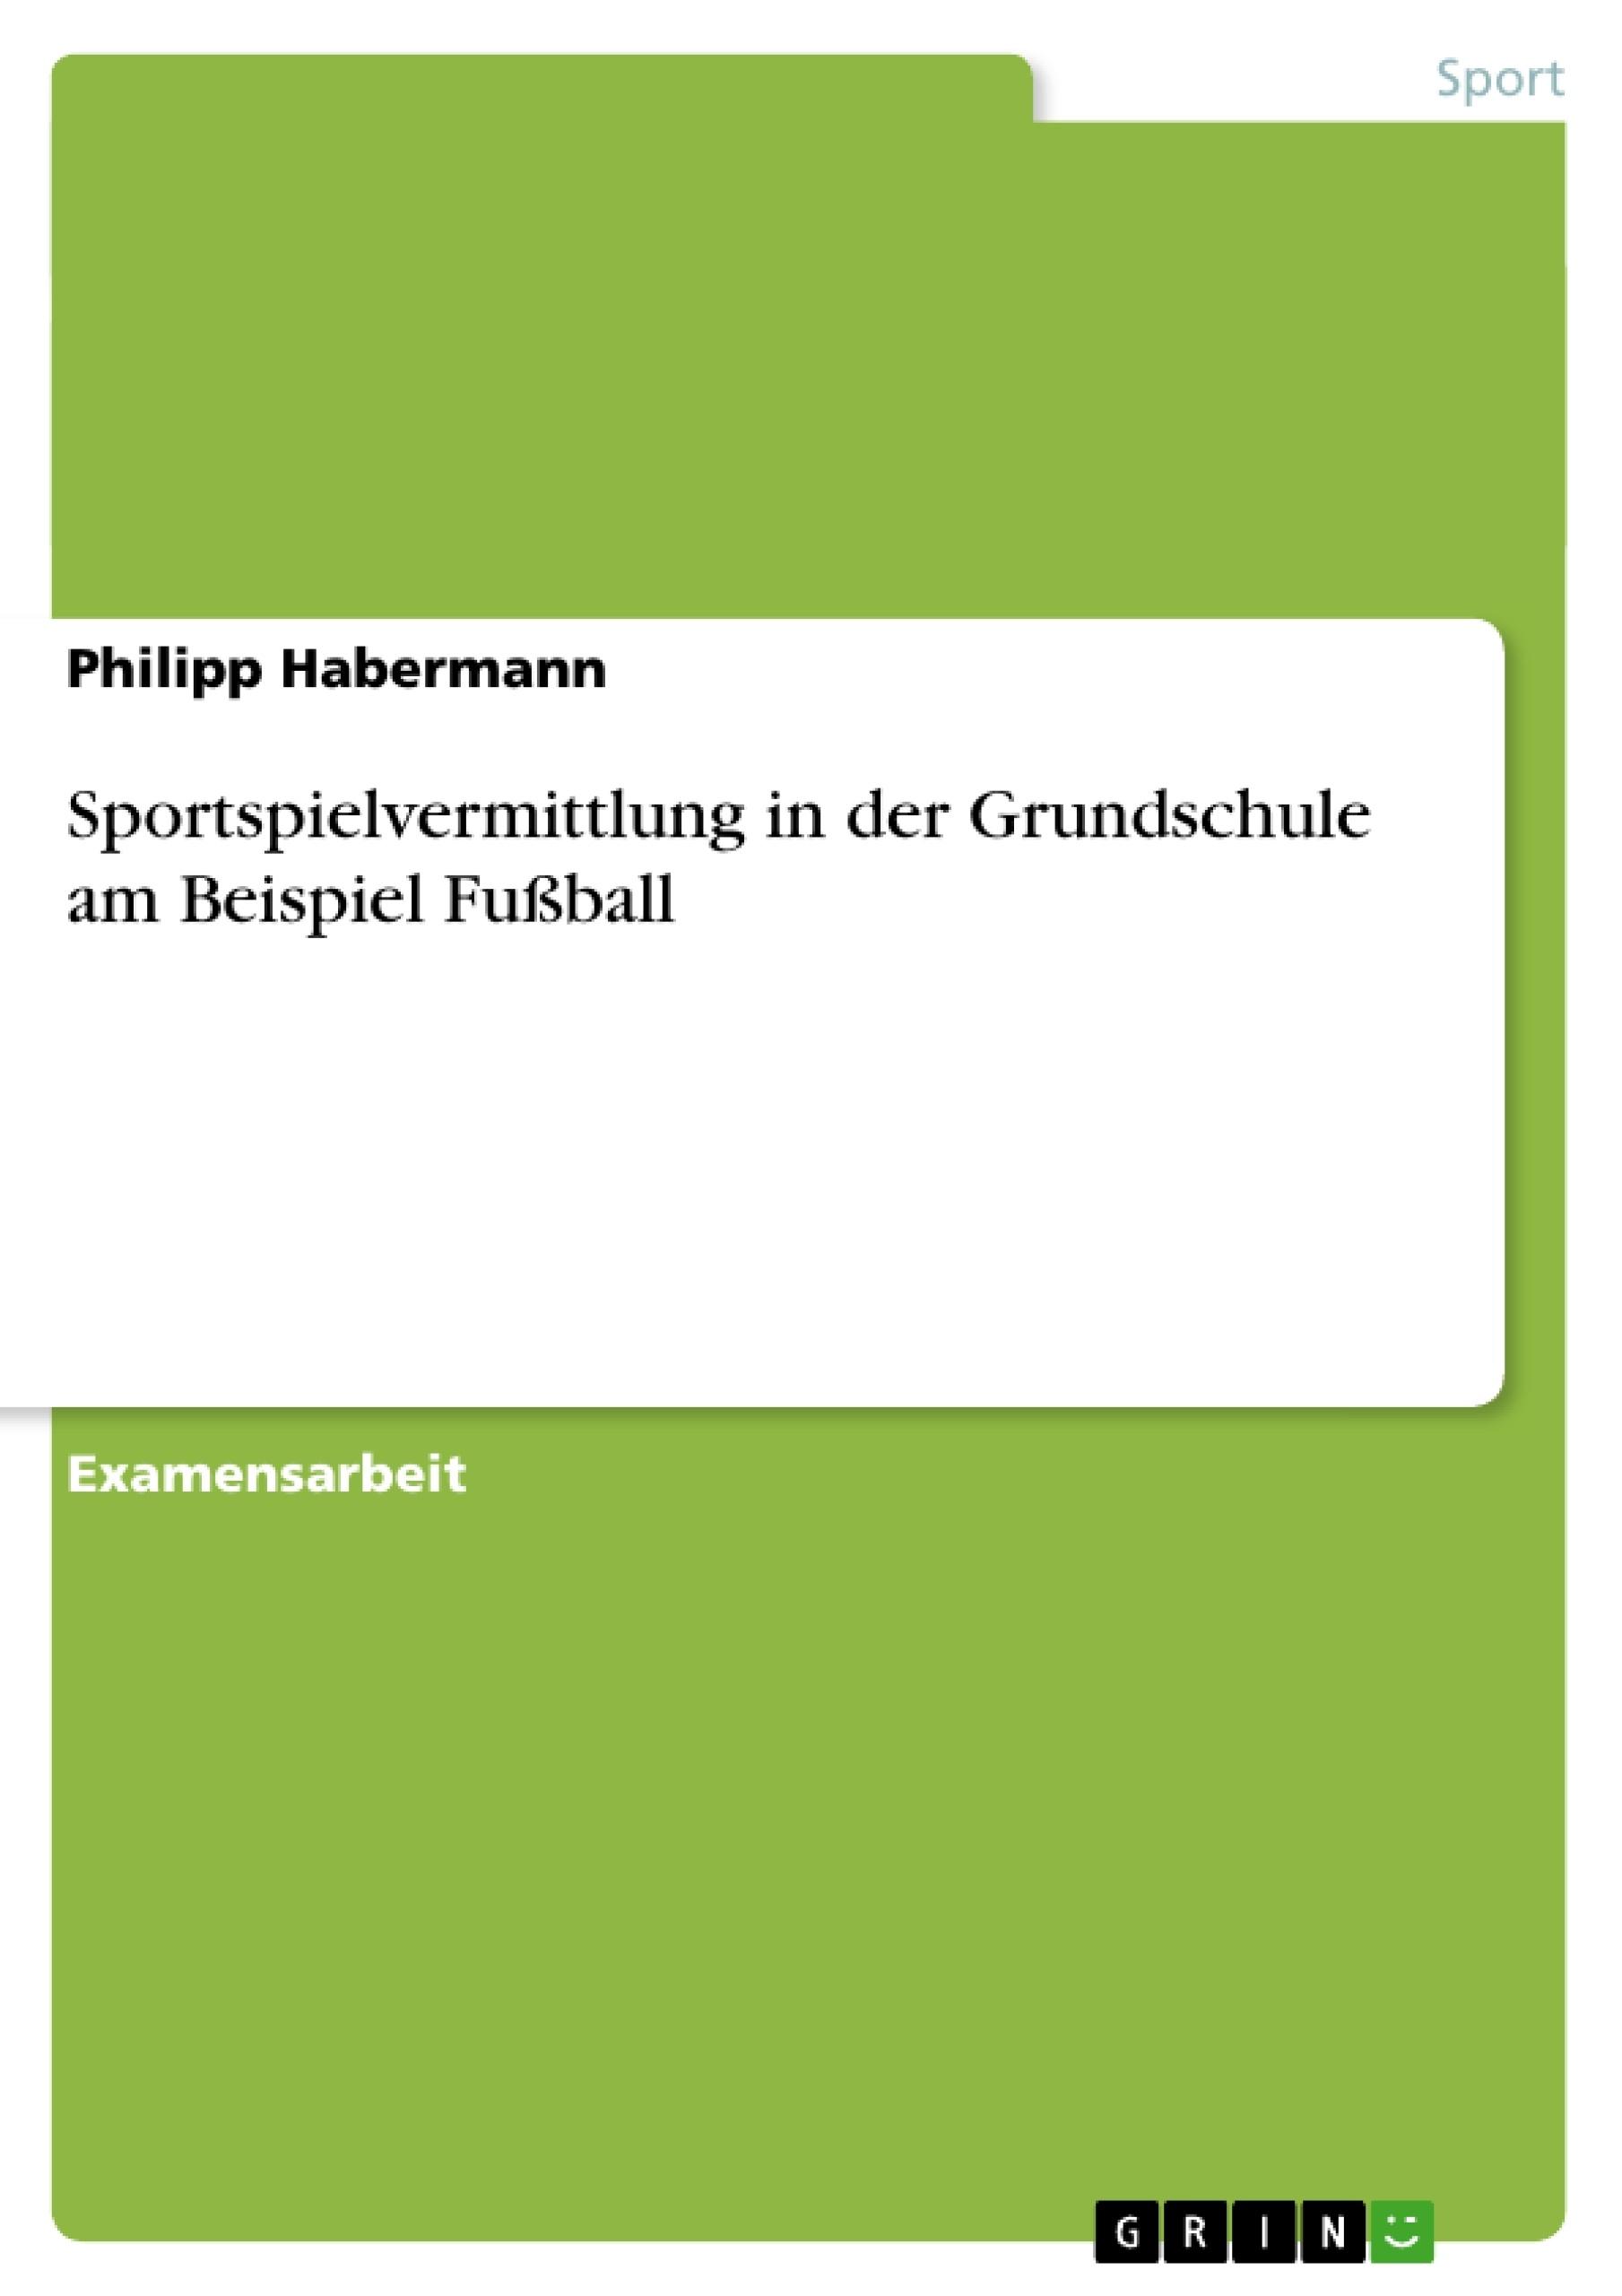 Titel: Sportspielvermittlung in der Grundschule am Beispiel Fußball